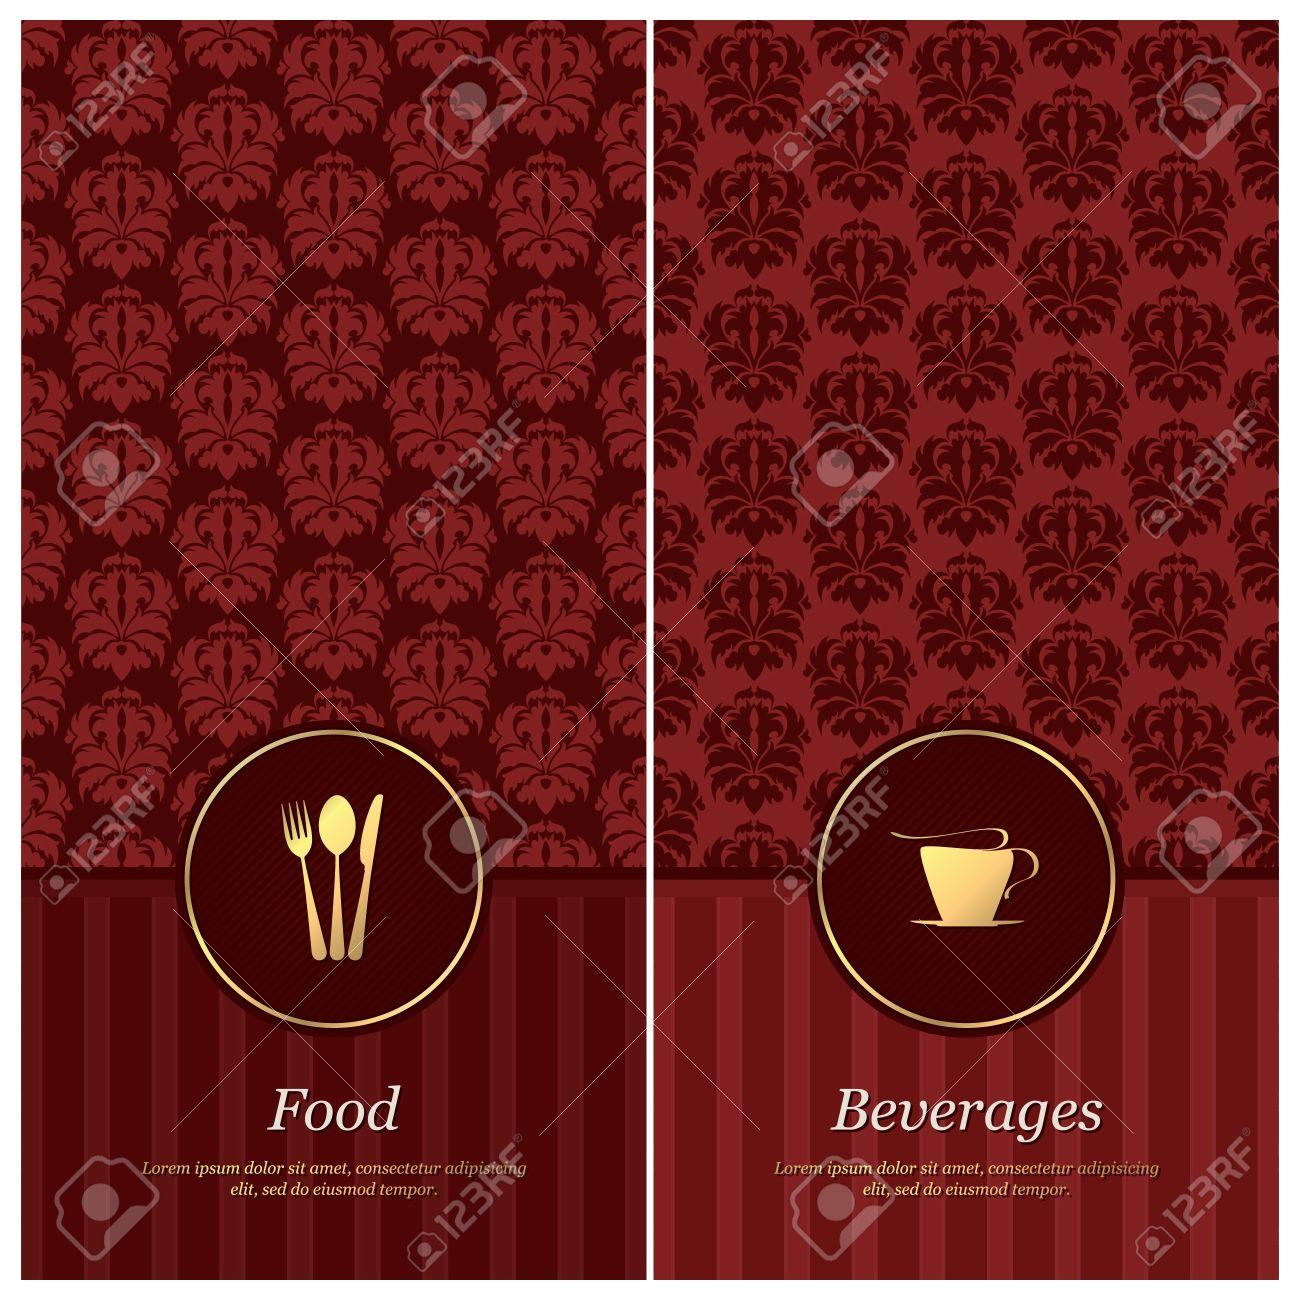 vector. restaurant menu design royalty free cliparts, vectors, and